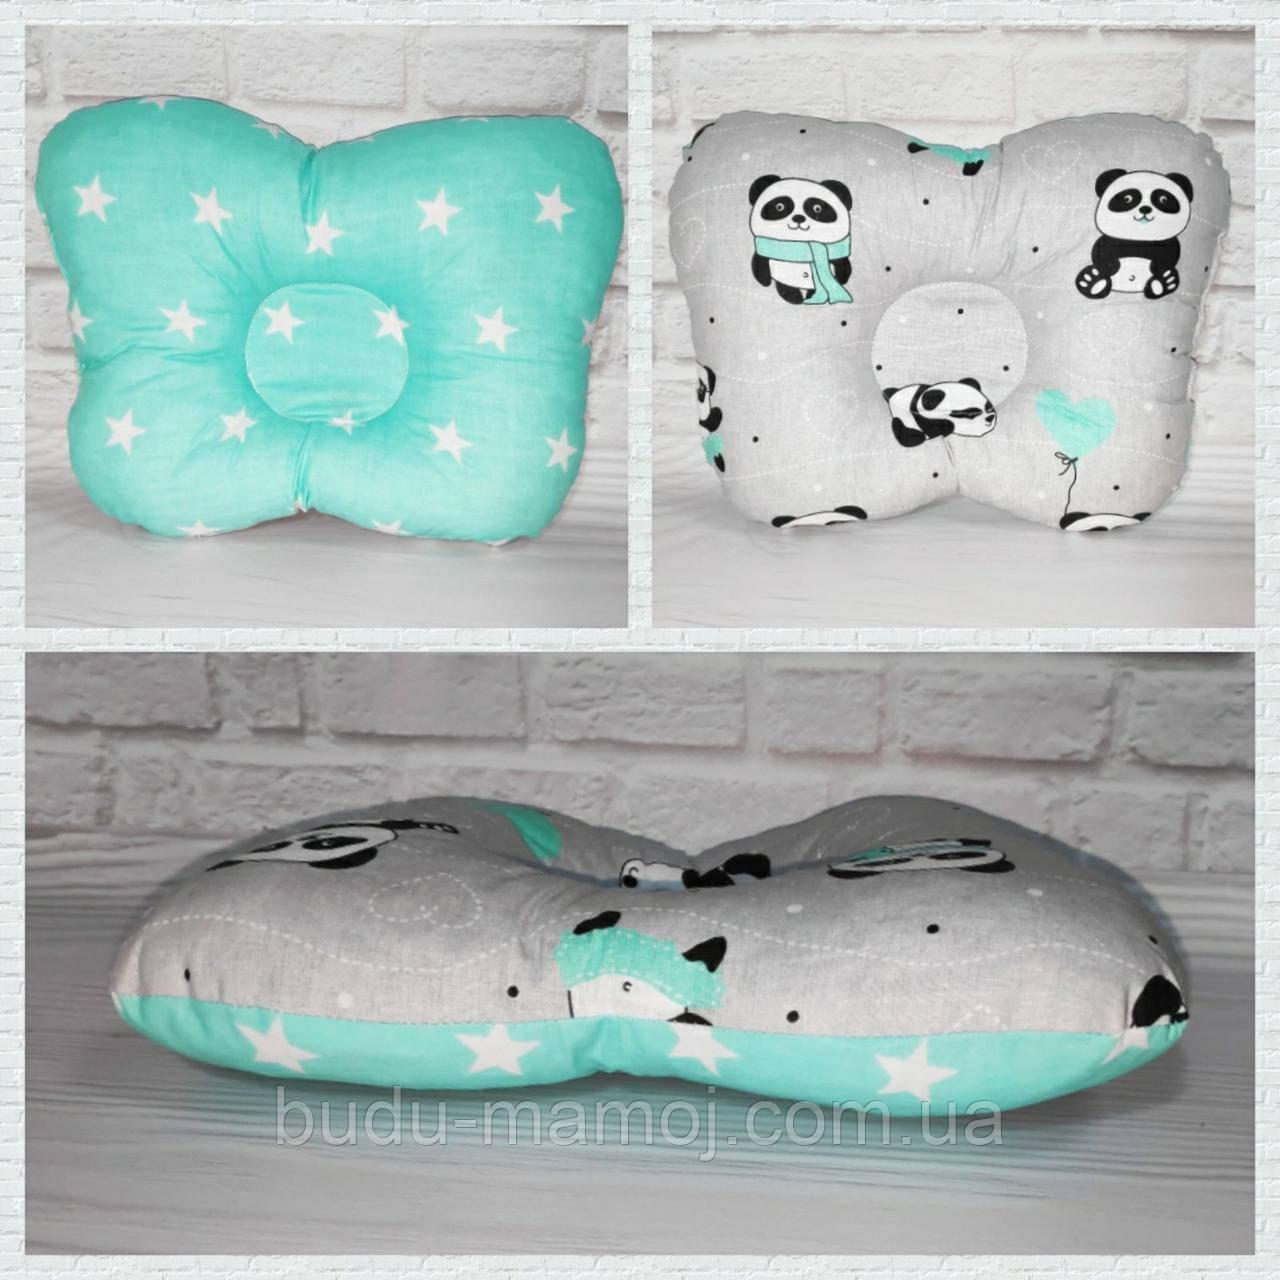 Подушка ортопедична для новонародженого метелик бавовна Польща